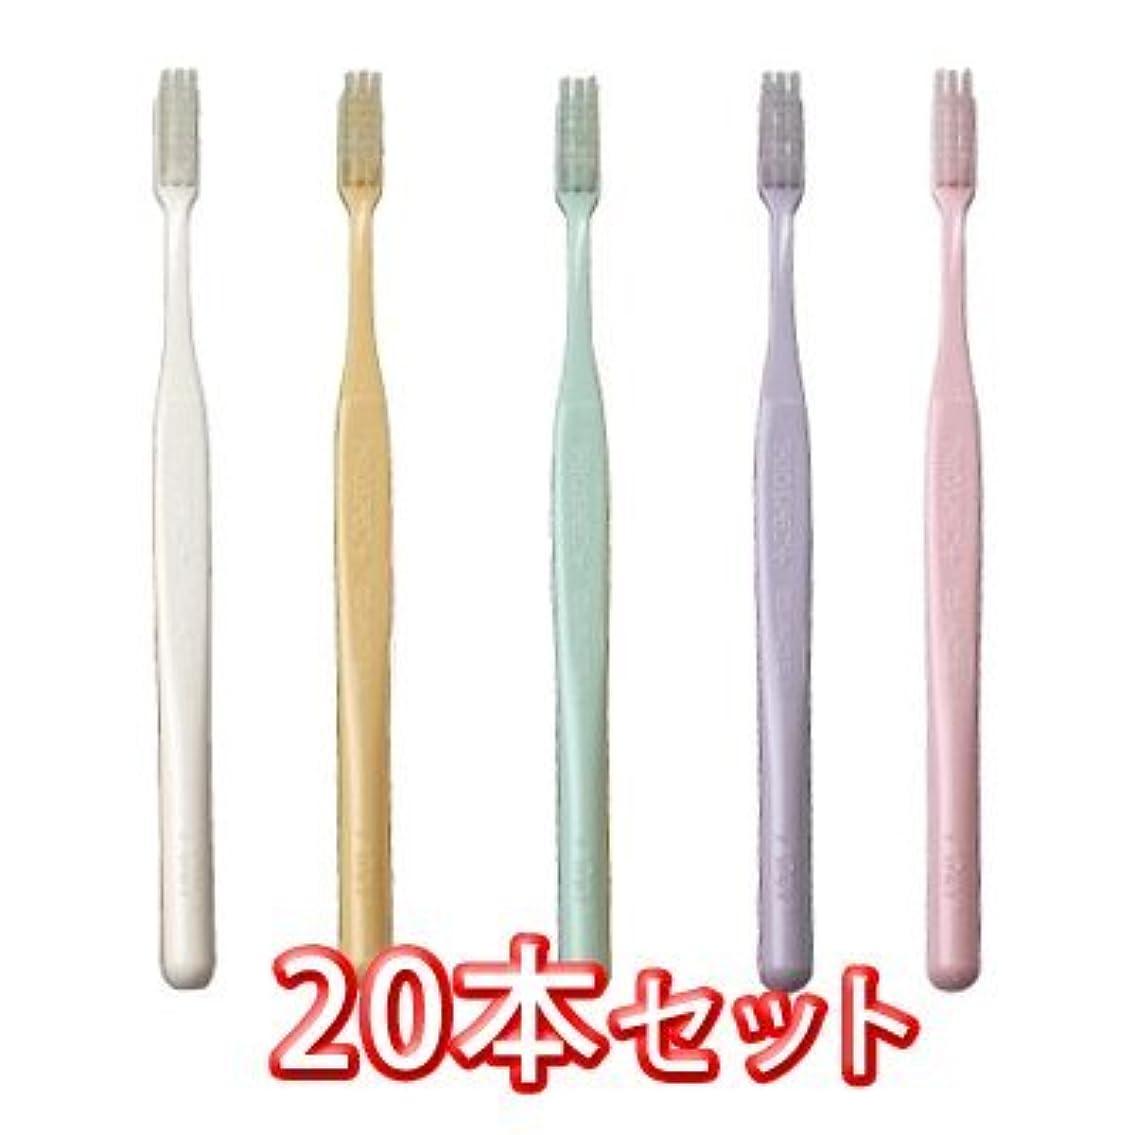 良性感染する唇プロスペック 歯ブラシ プラス コンパクトスリム 20本入 ふつう色 M ふつう